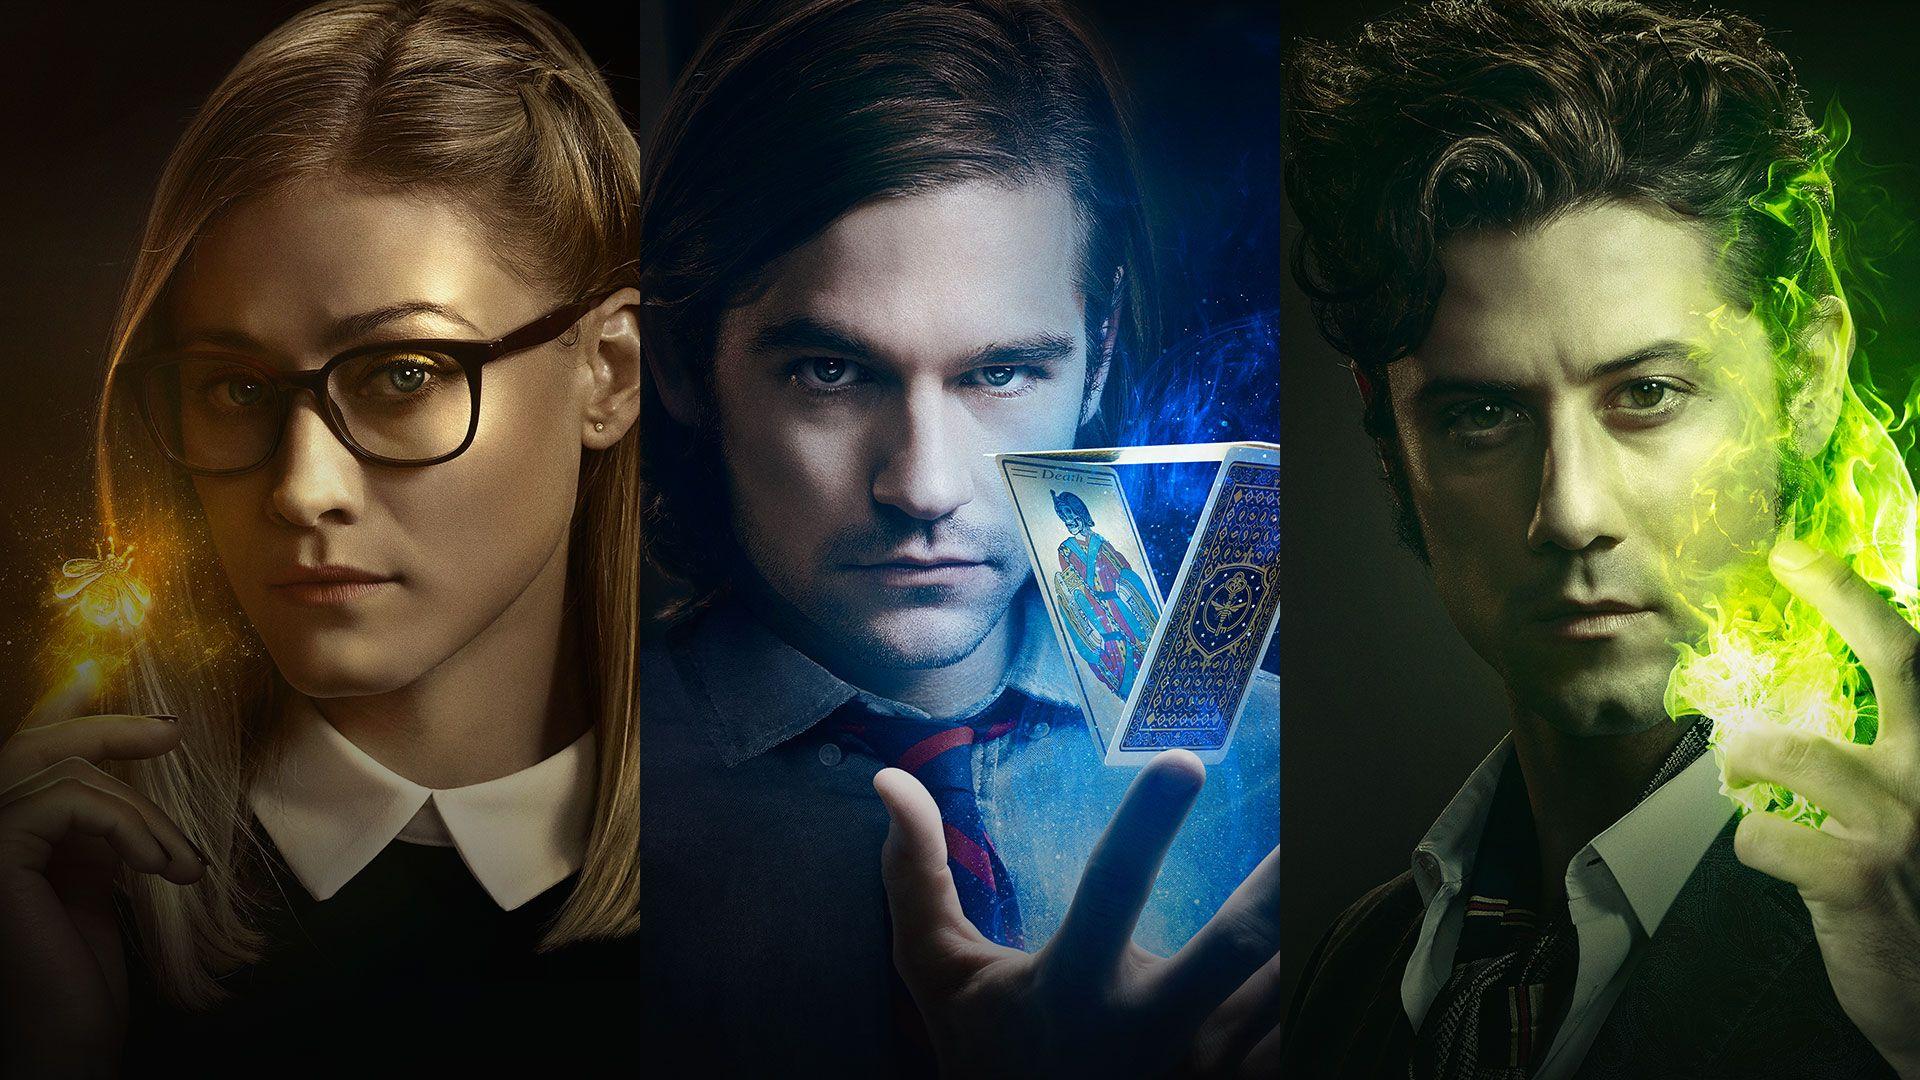 Pin De Audrya Owens Em The Magicians Serie De Televisao Filmes Segunda Temporada